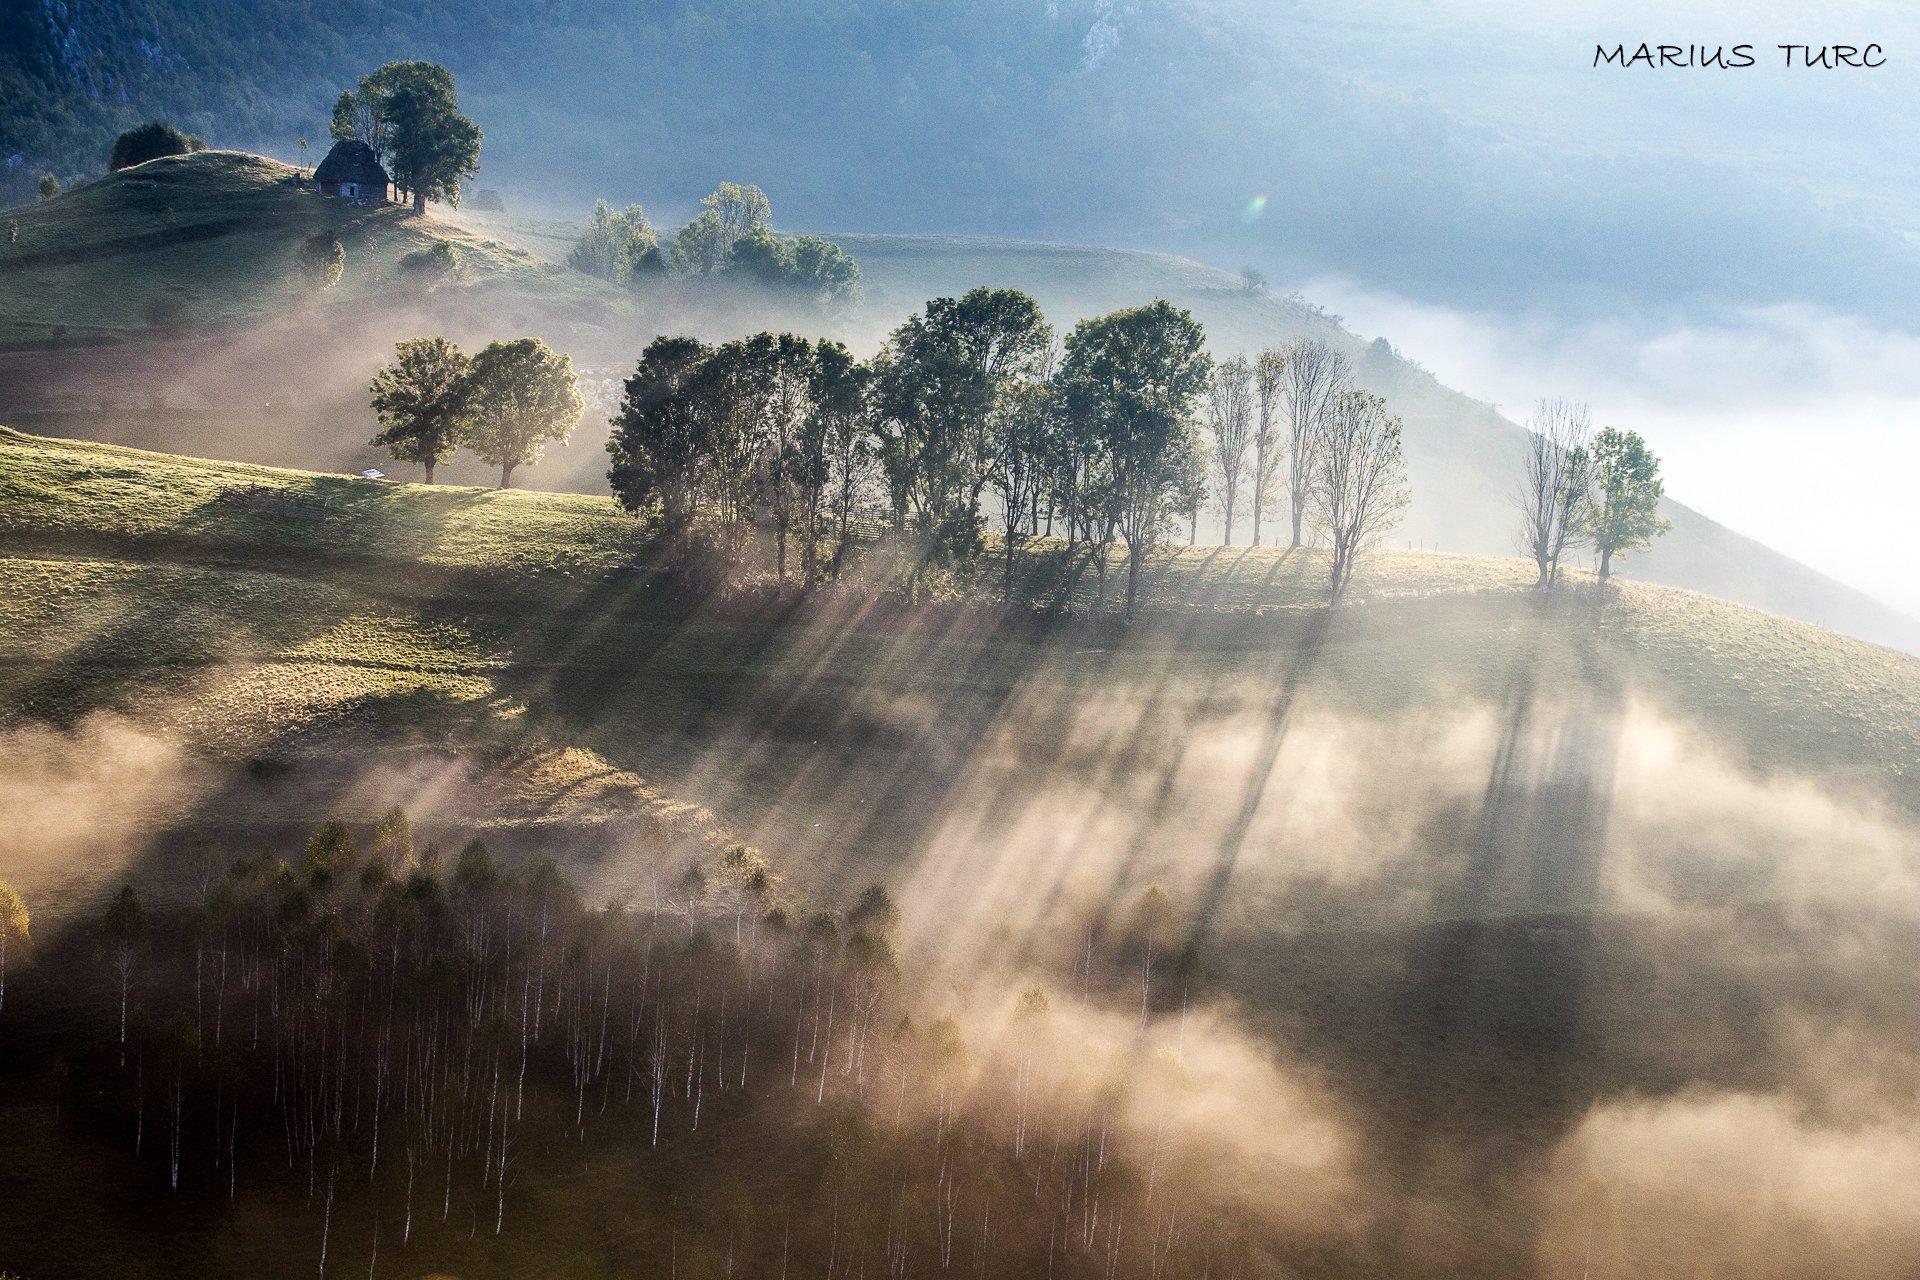 morning,mist,fog,nature,nature,trees,light,hills, Marius Turc